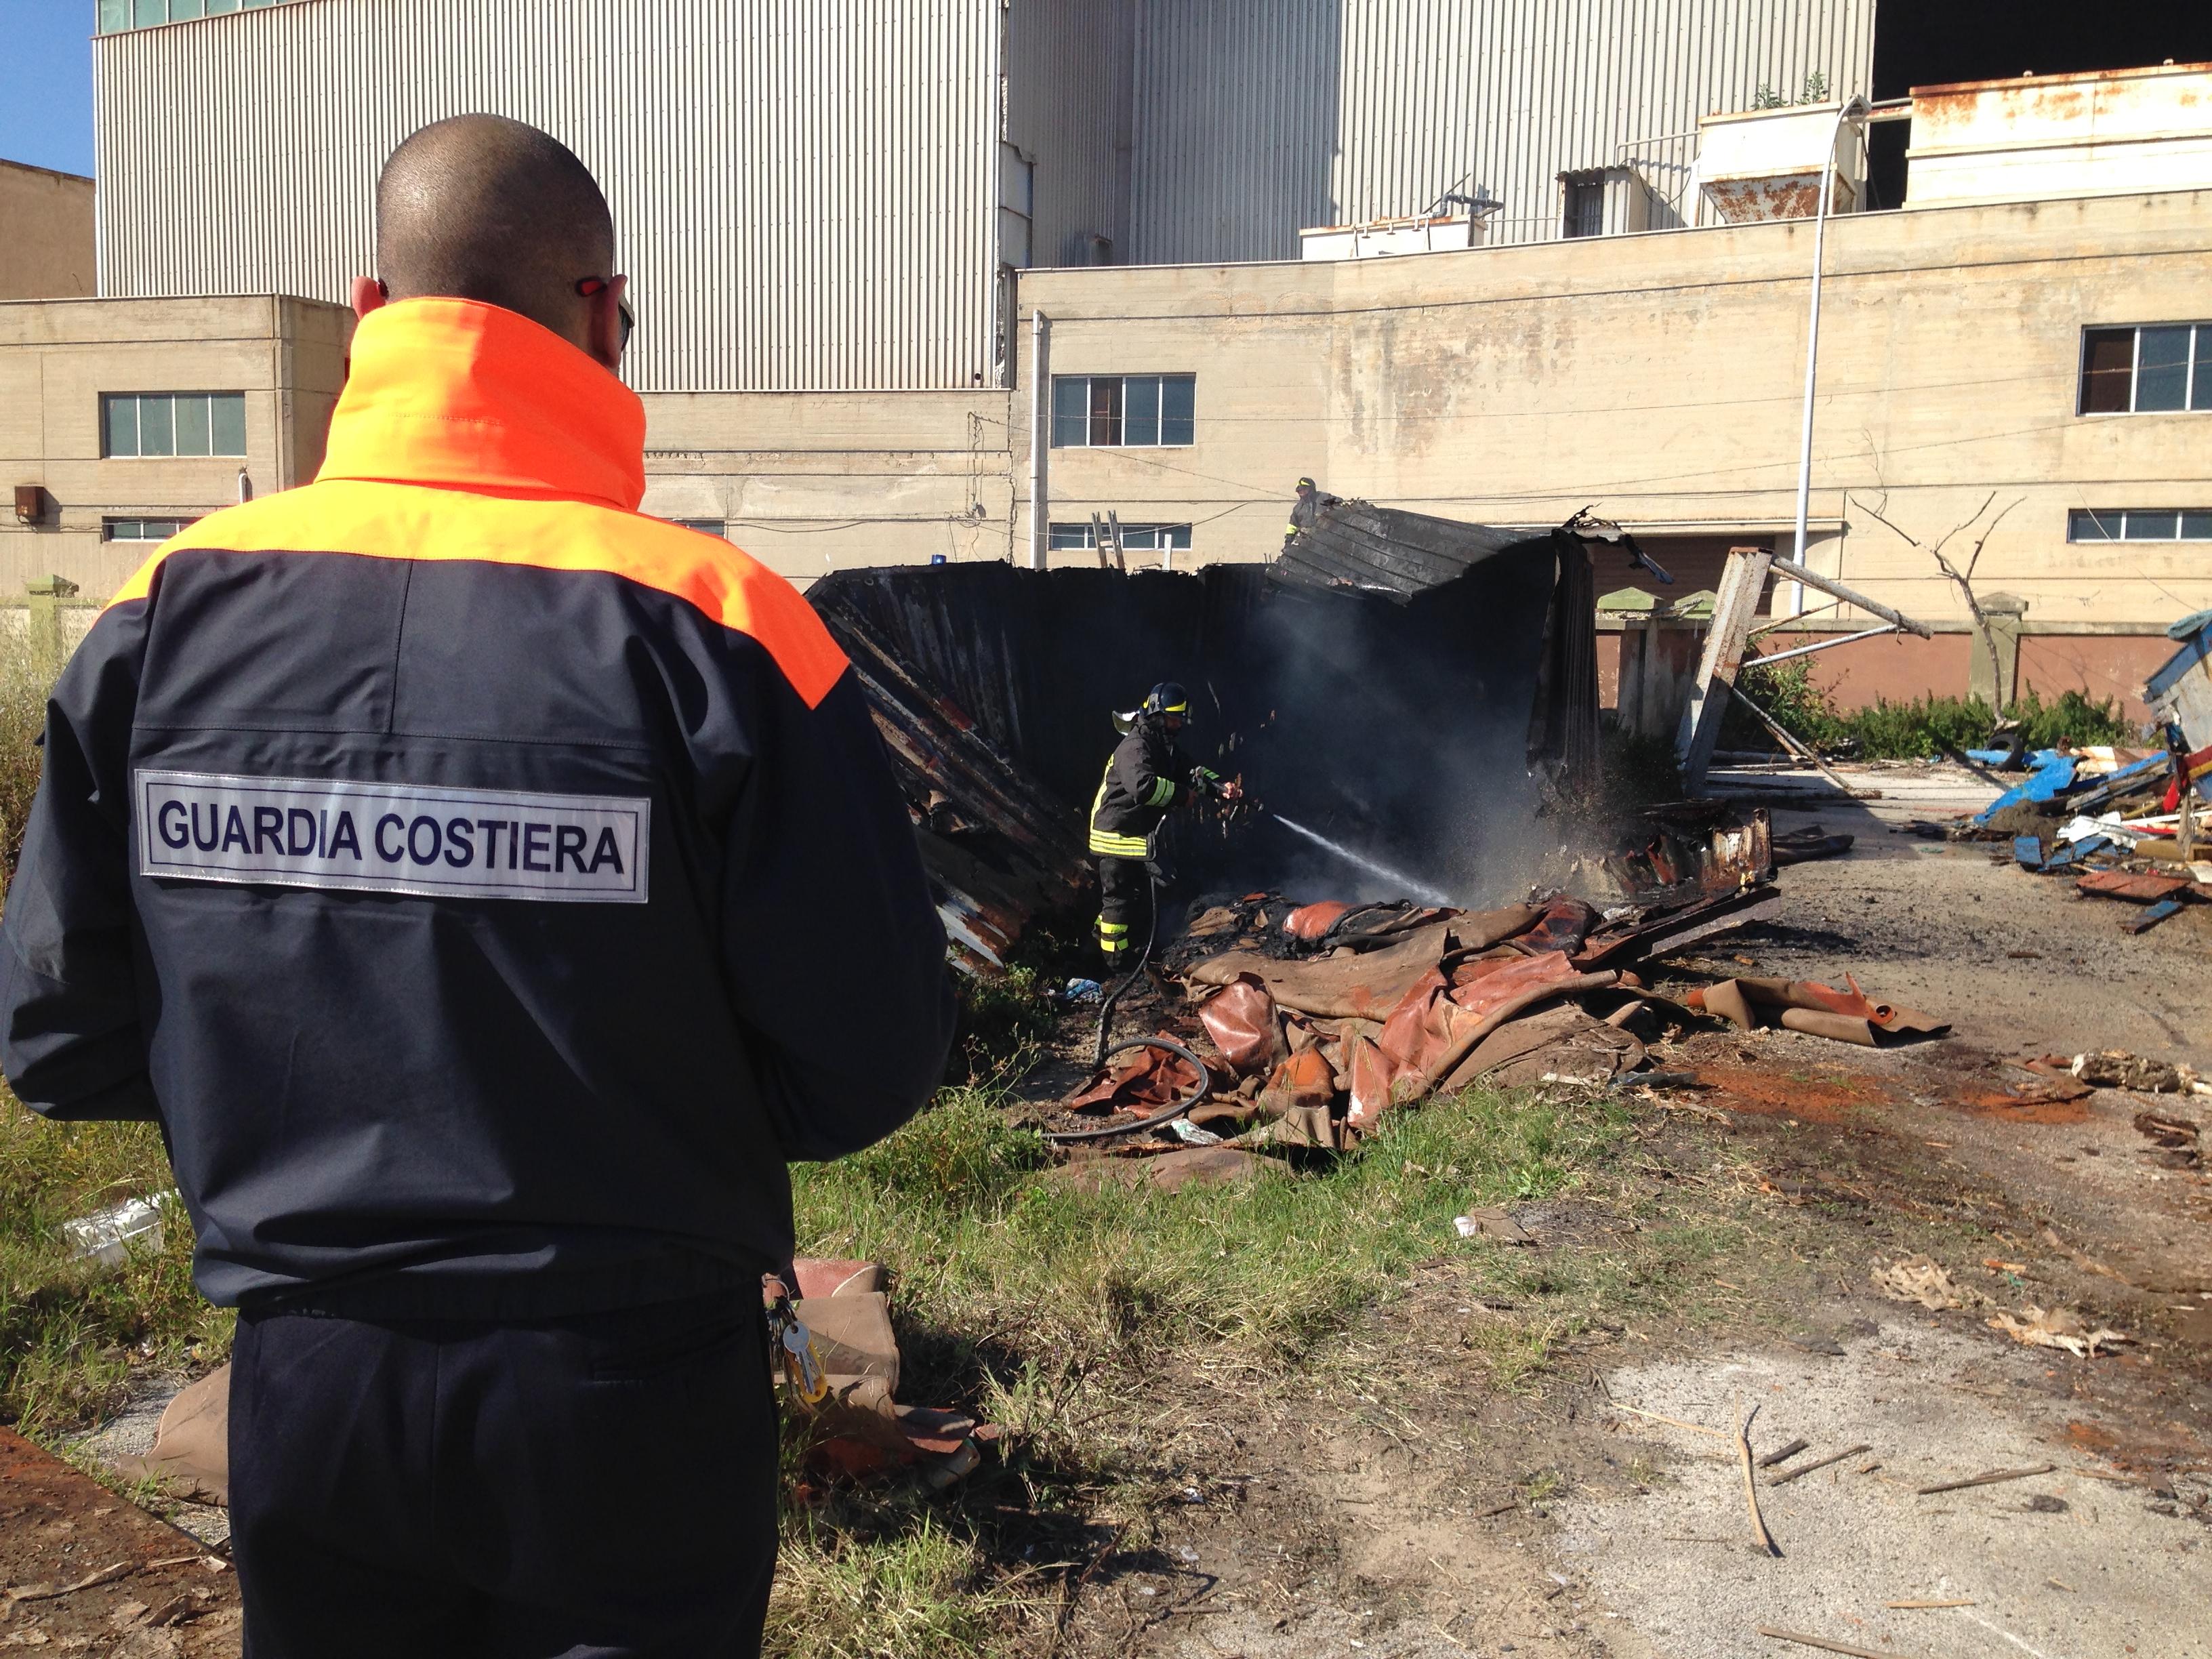 il container a fuoco